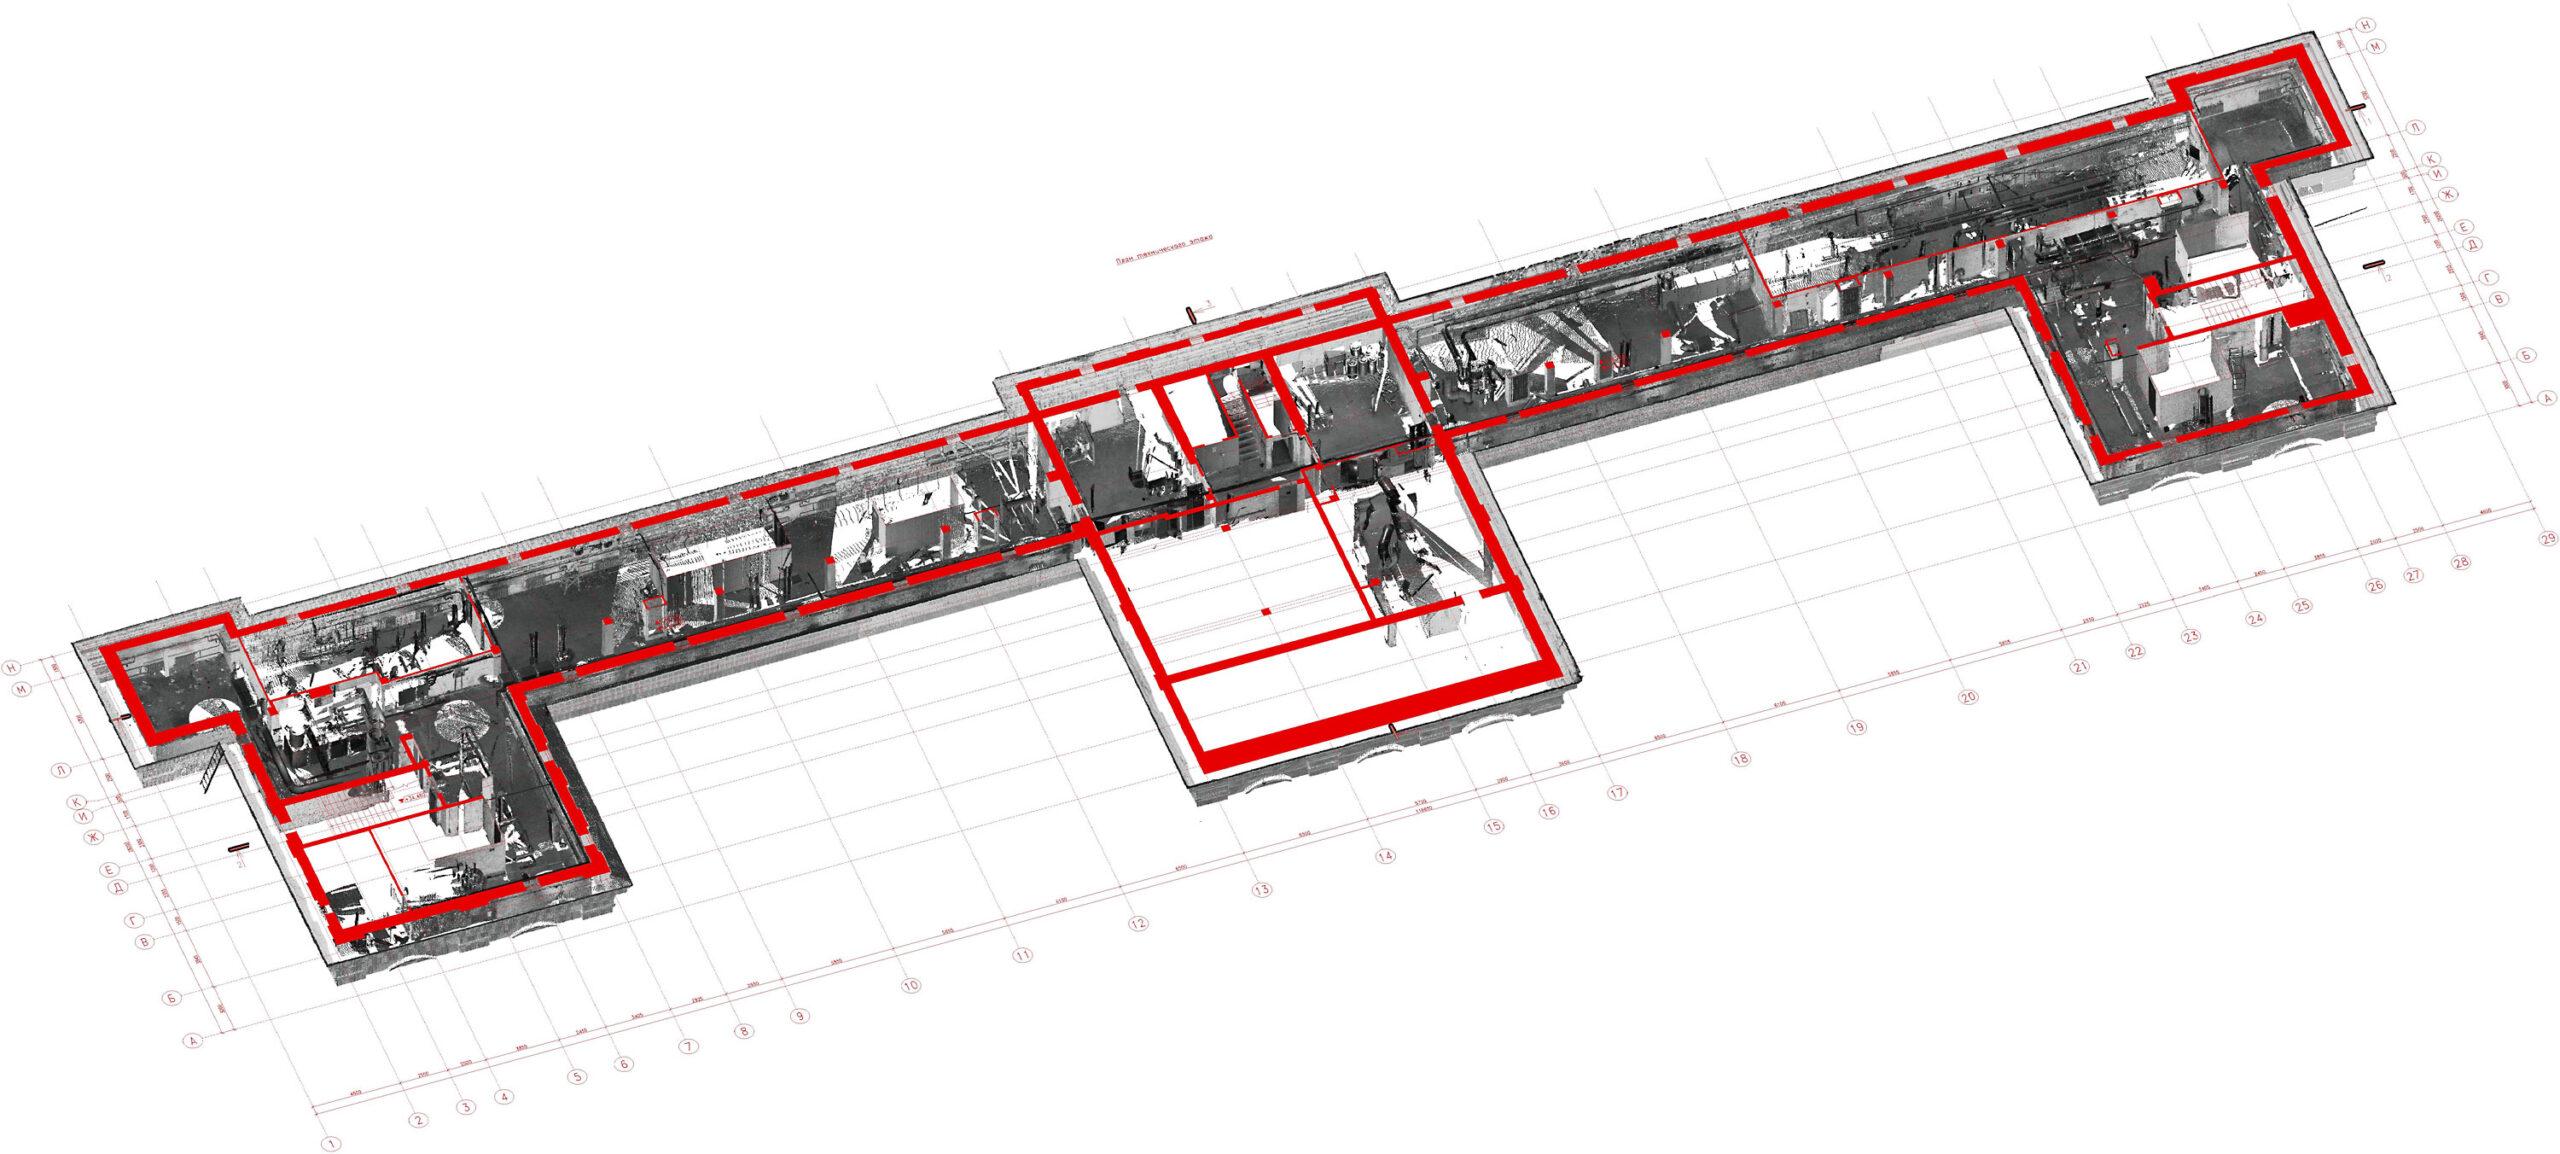 Сейчас распространен вариант с лазерным сканированием объектов. Это дает максимально точные результаты обмеров.